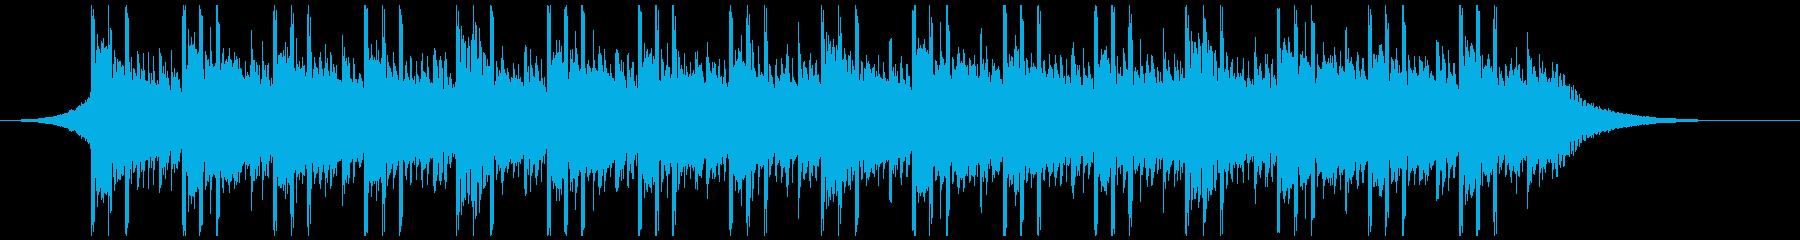 デジタルテクノロジー(40秒)の再生済みの波形